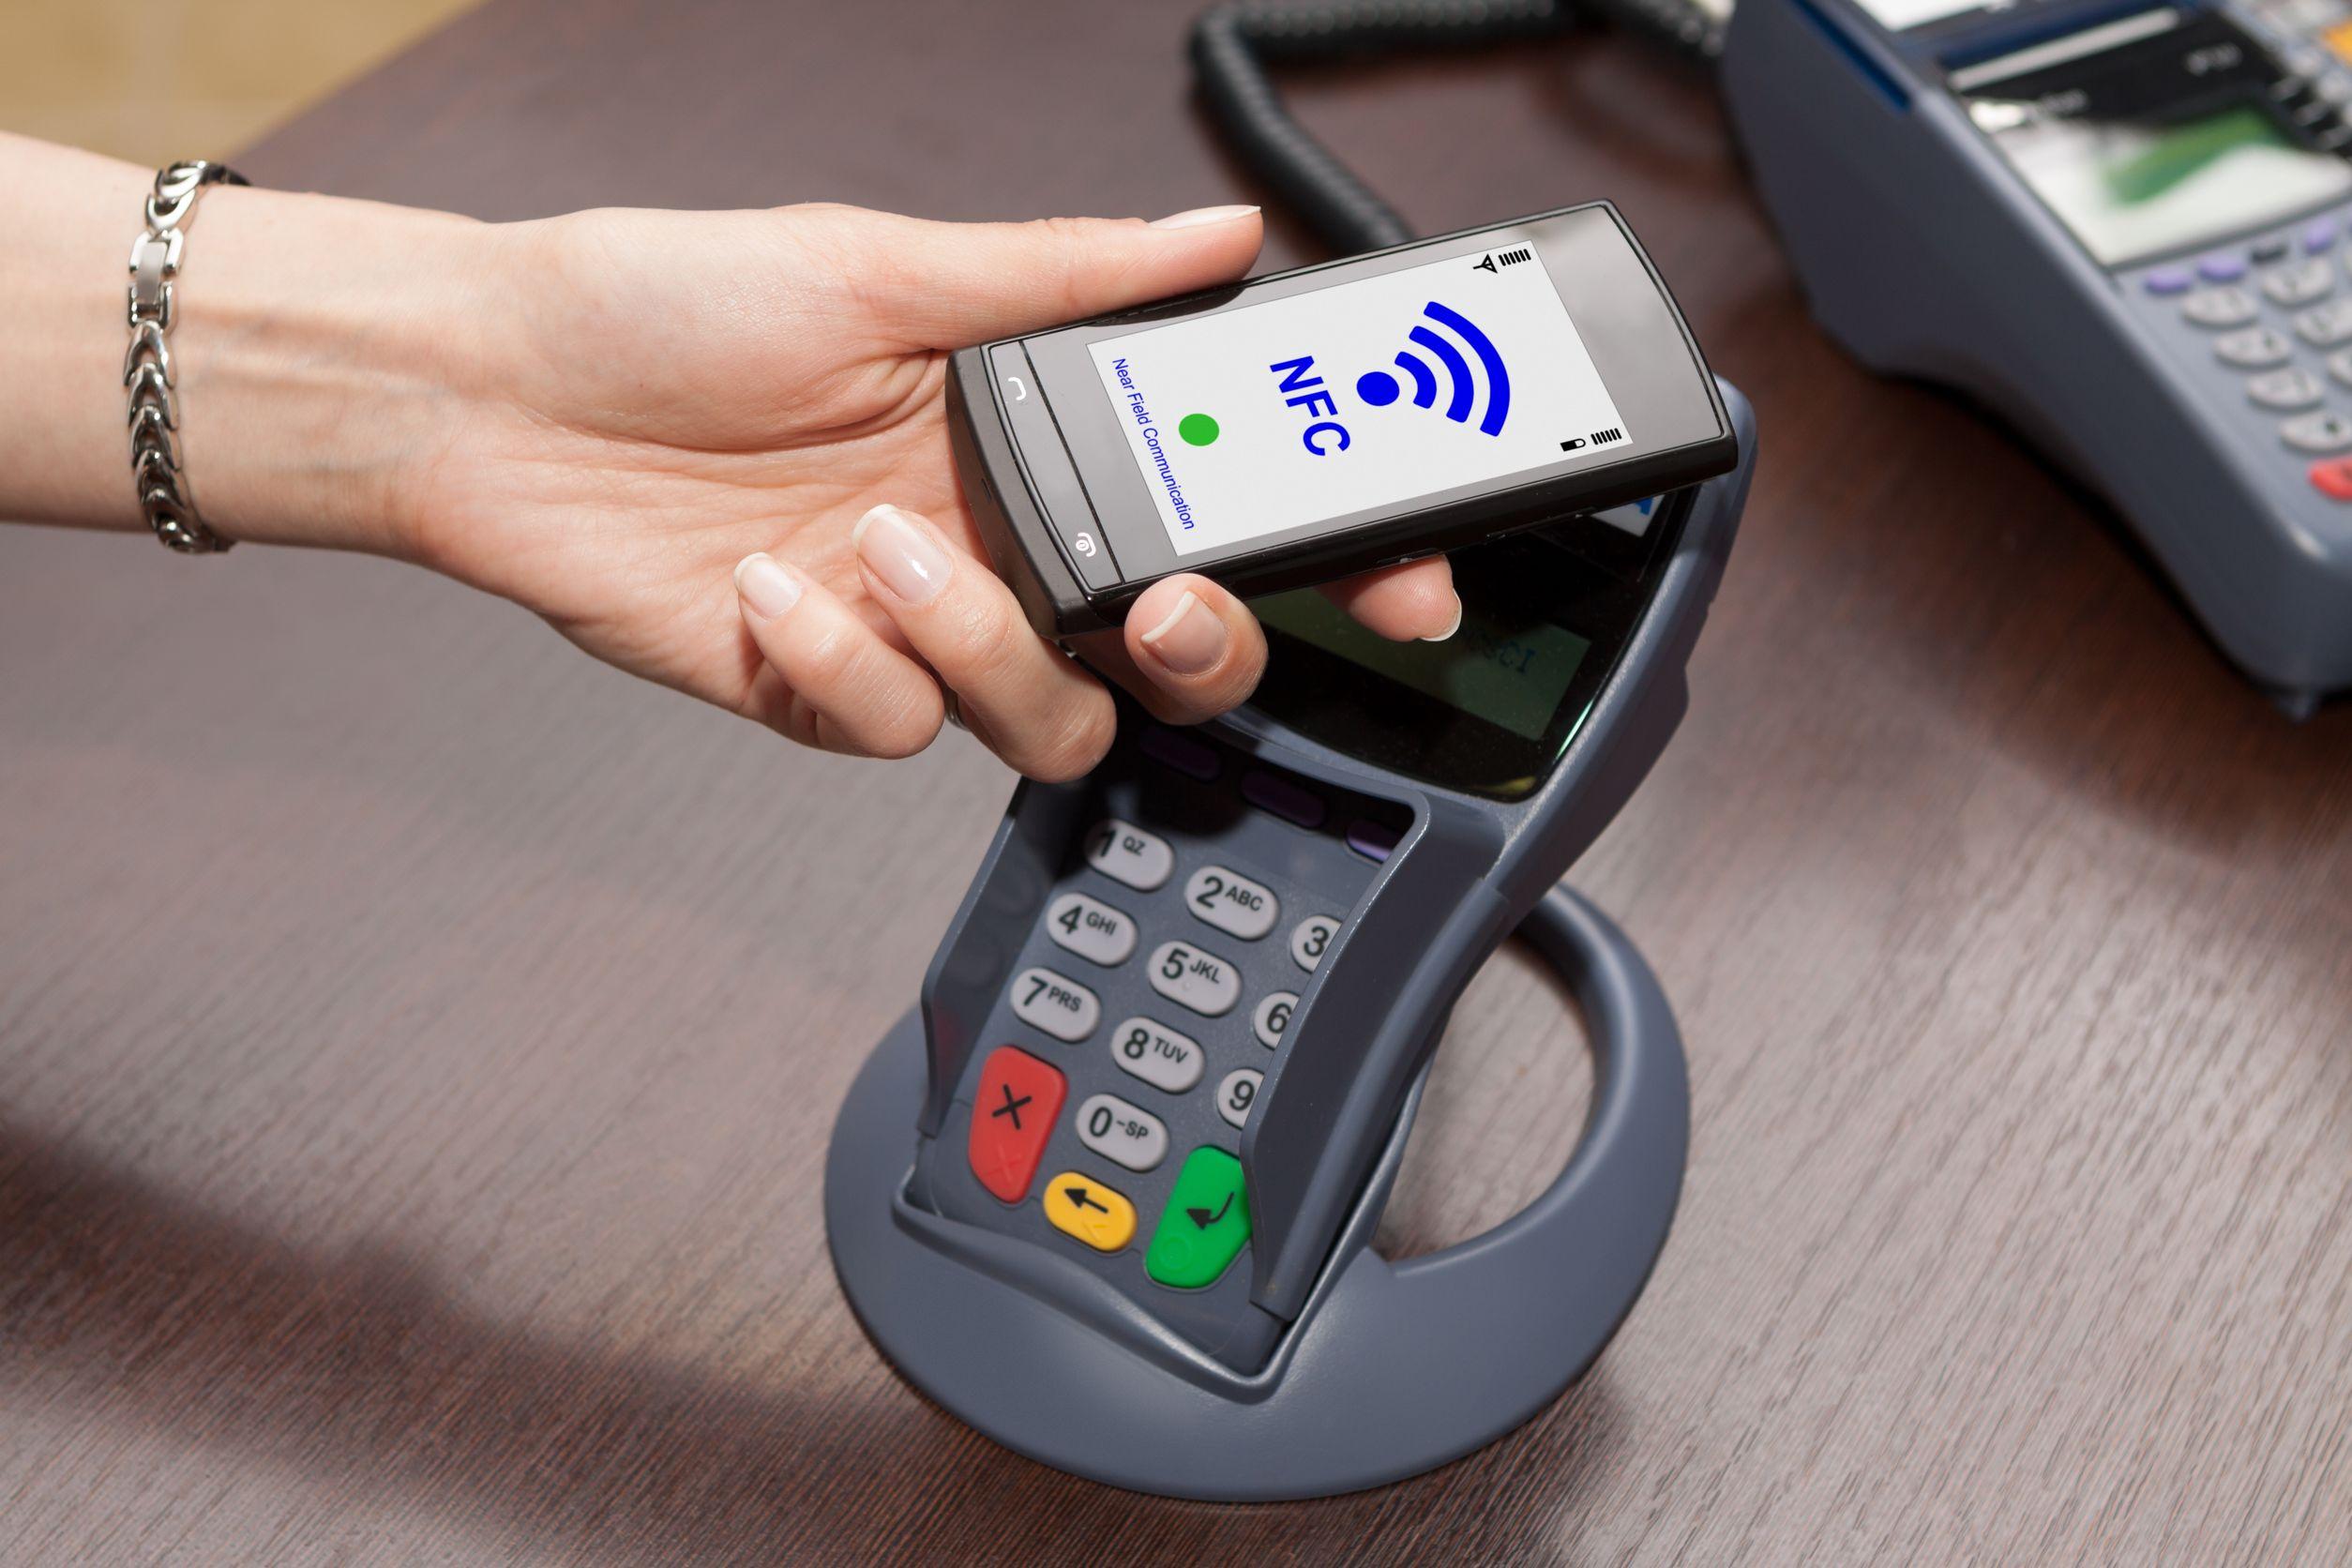 nfc 2 - NFC là gì? Sử dụng như thế nào?